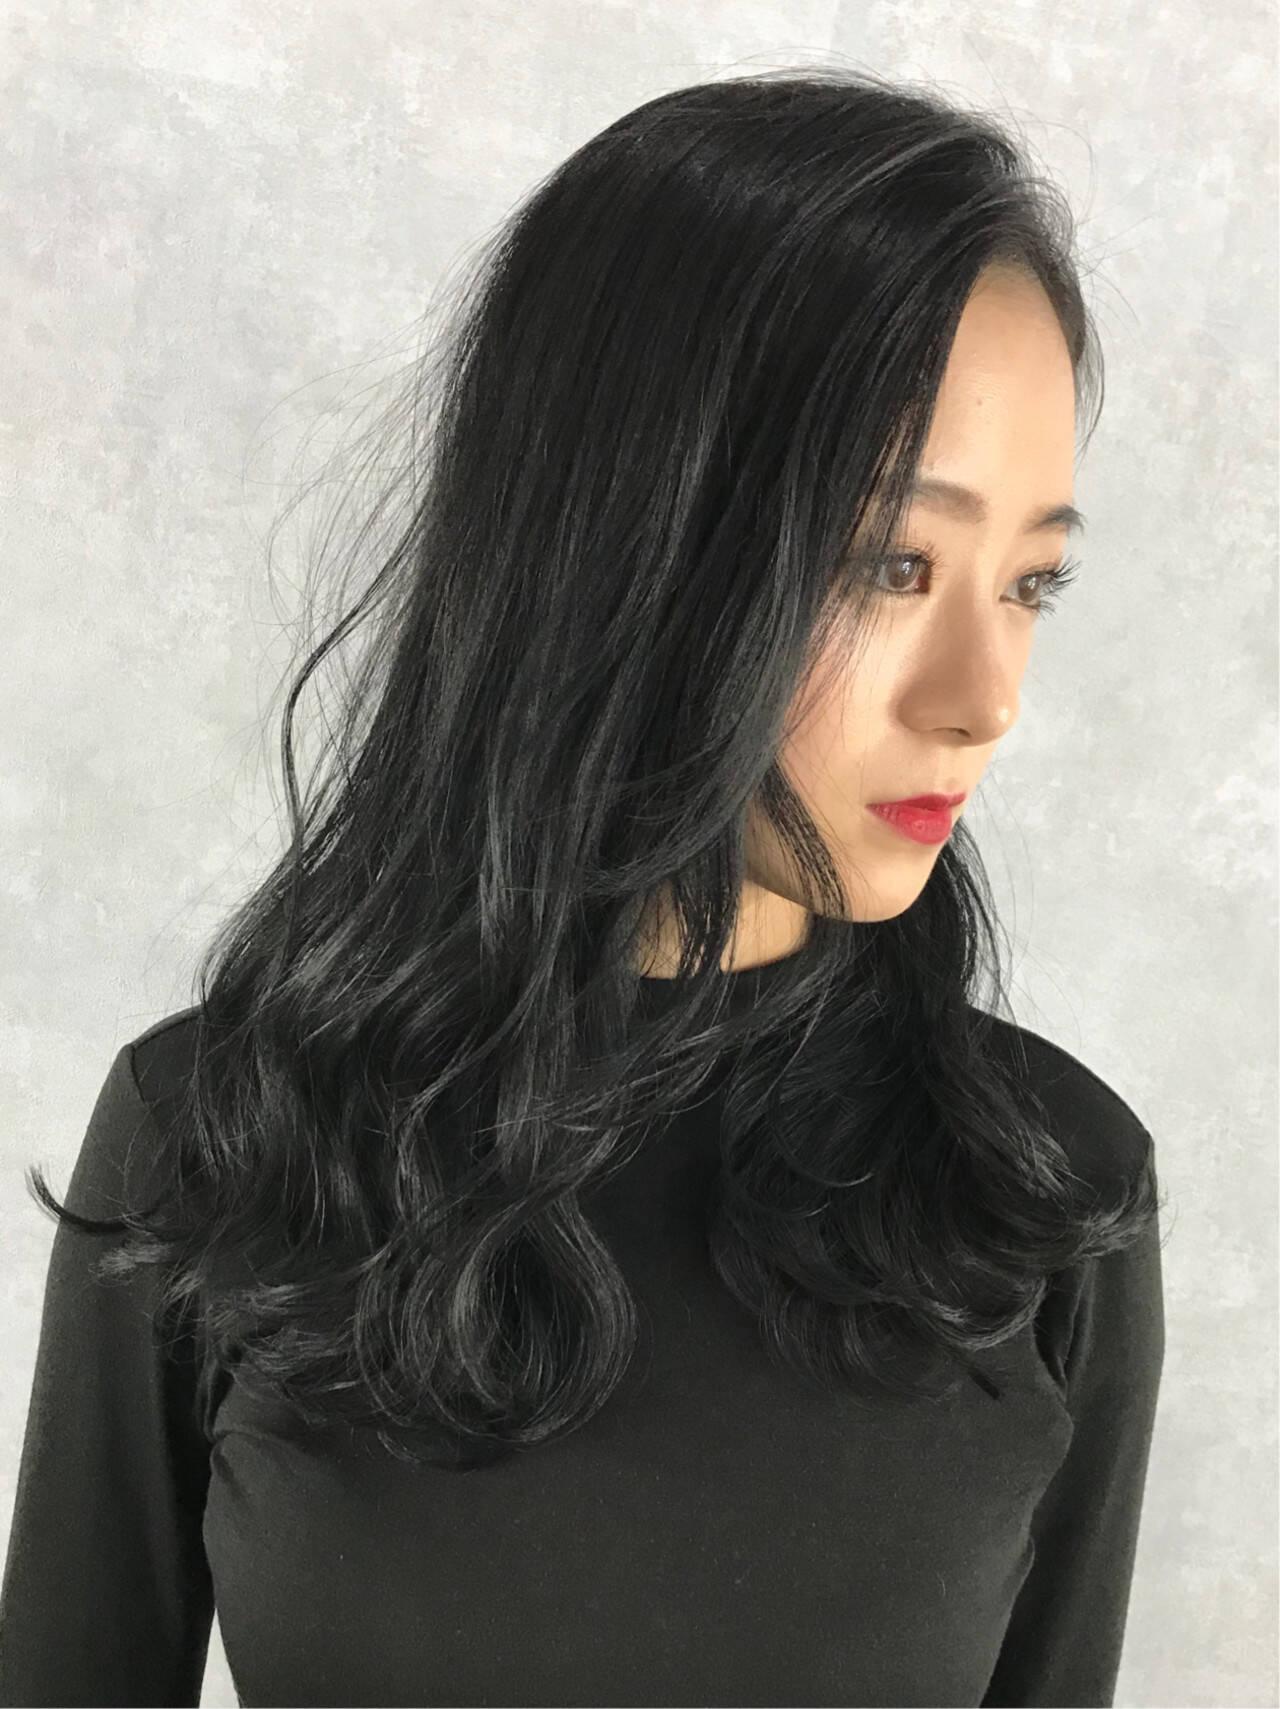 ネイビーカラー モード レイヤーカット ネイビーヘアスタイルや髪型の写真・画像